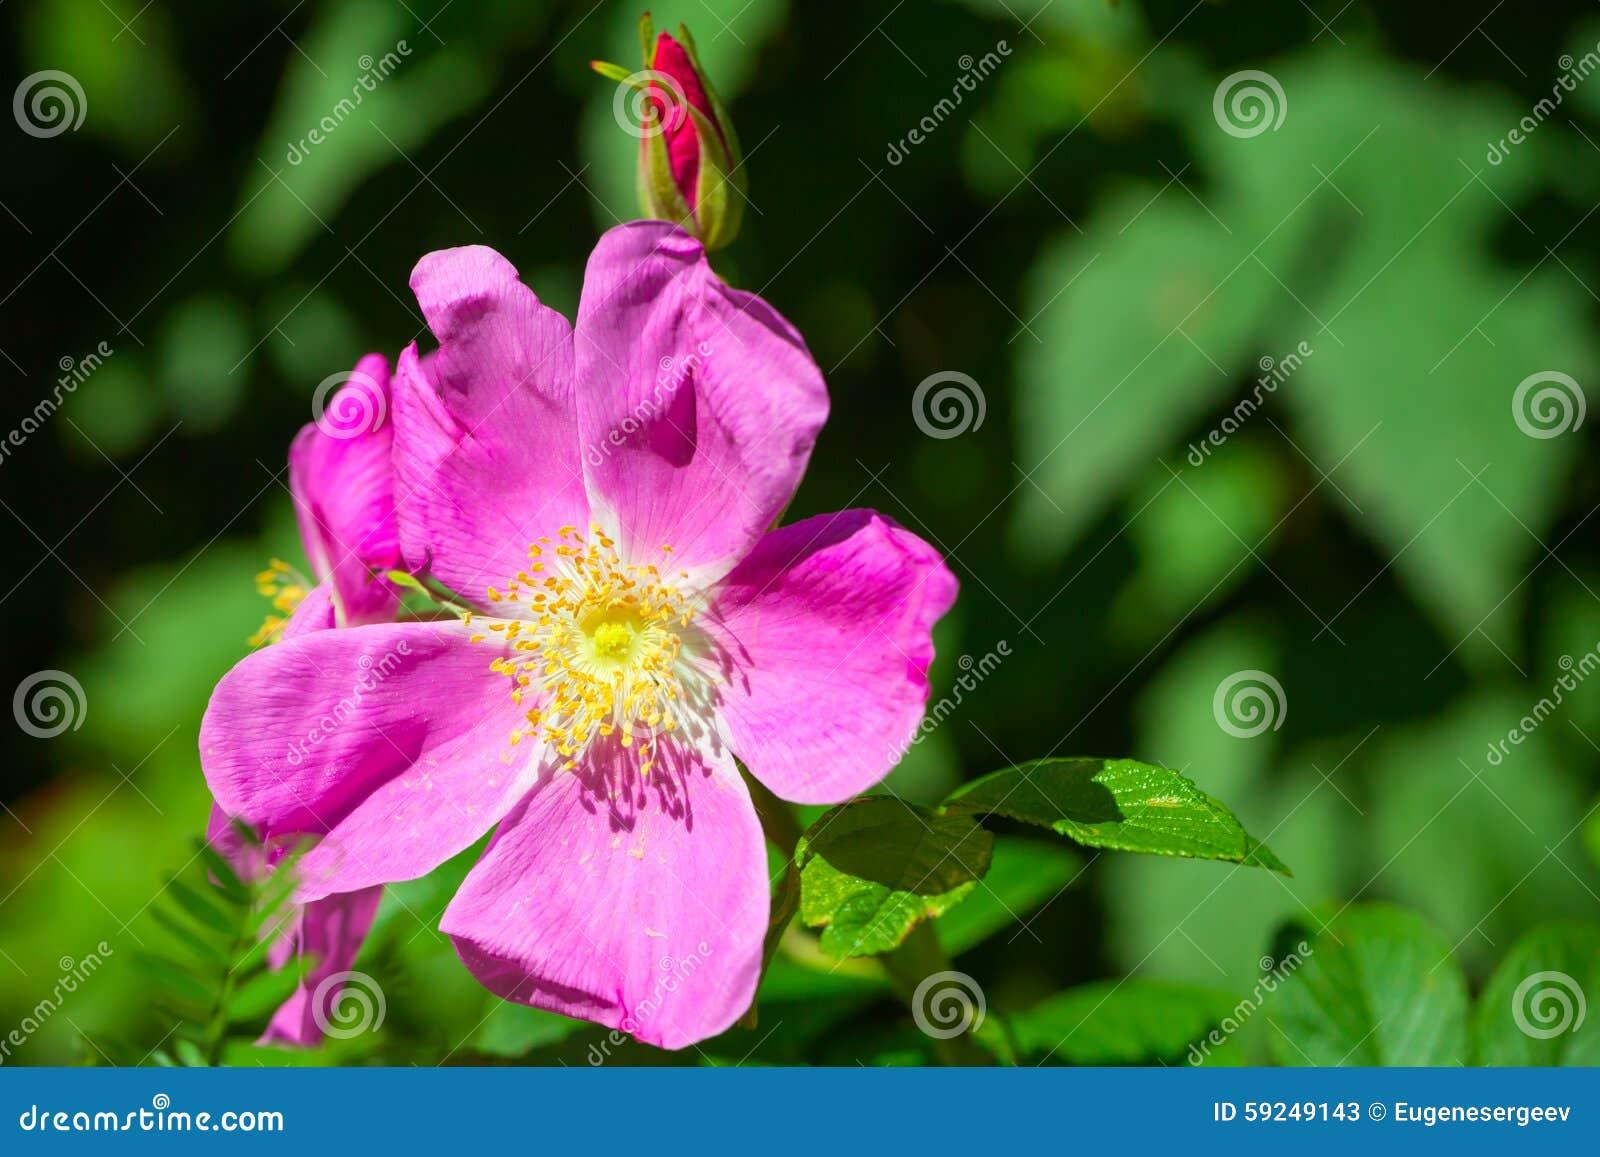 Foto salvaje rosada brillante de la macro de la flor de la perro-rosa